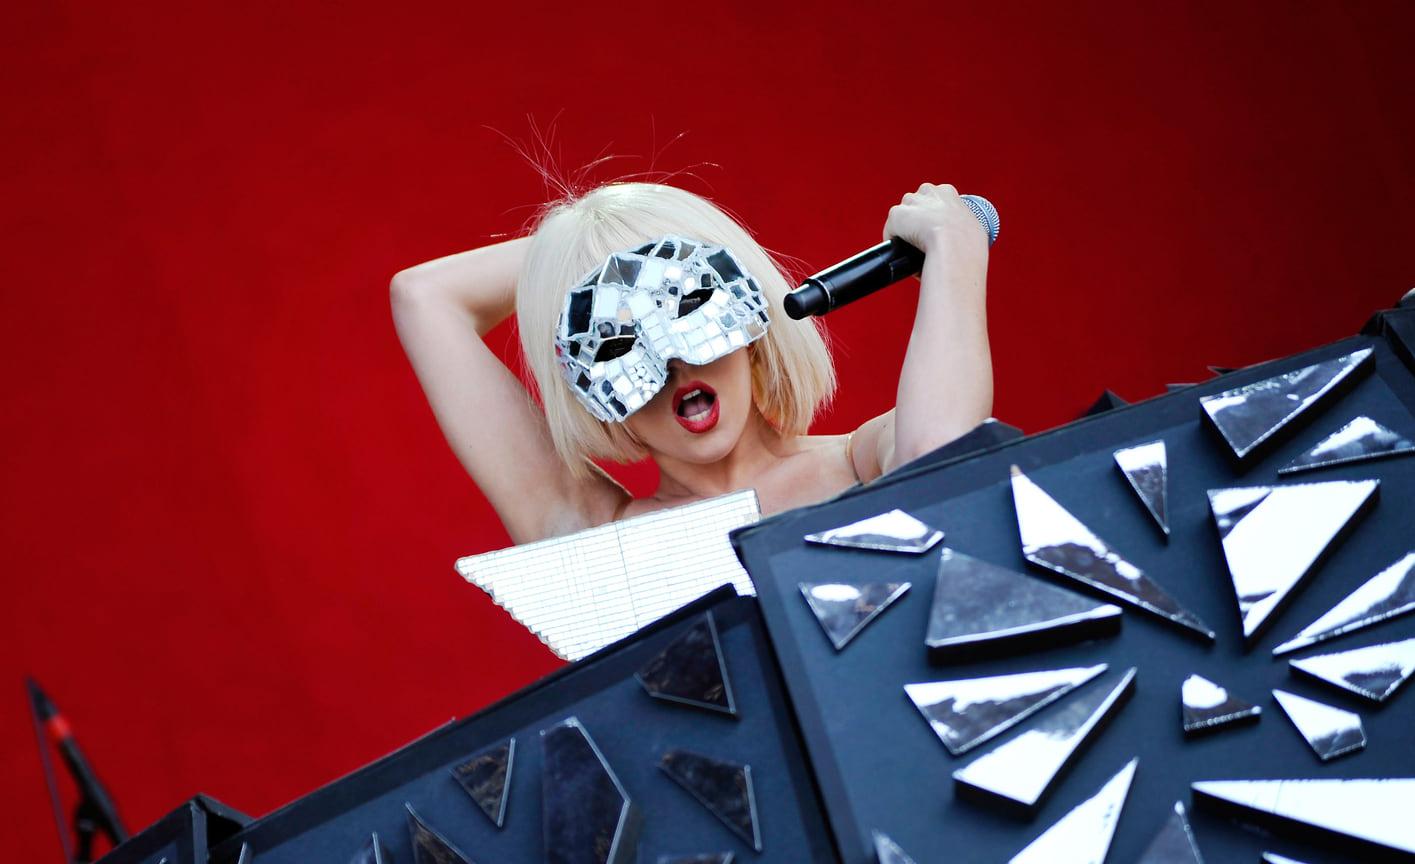 Леди Гага на фестивале T in the Park в Баладо, Шотландия, 2009 год